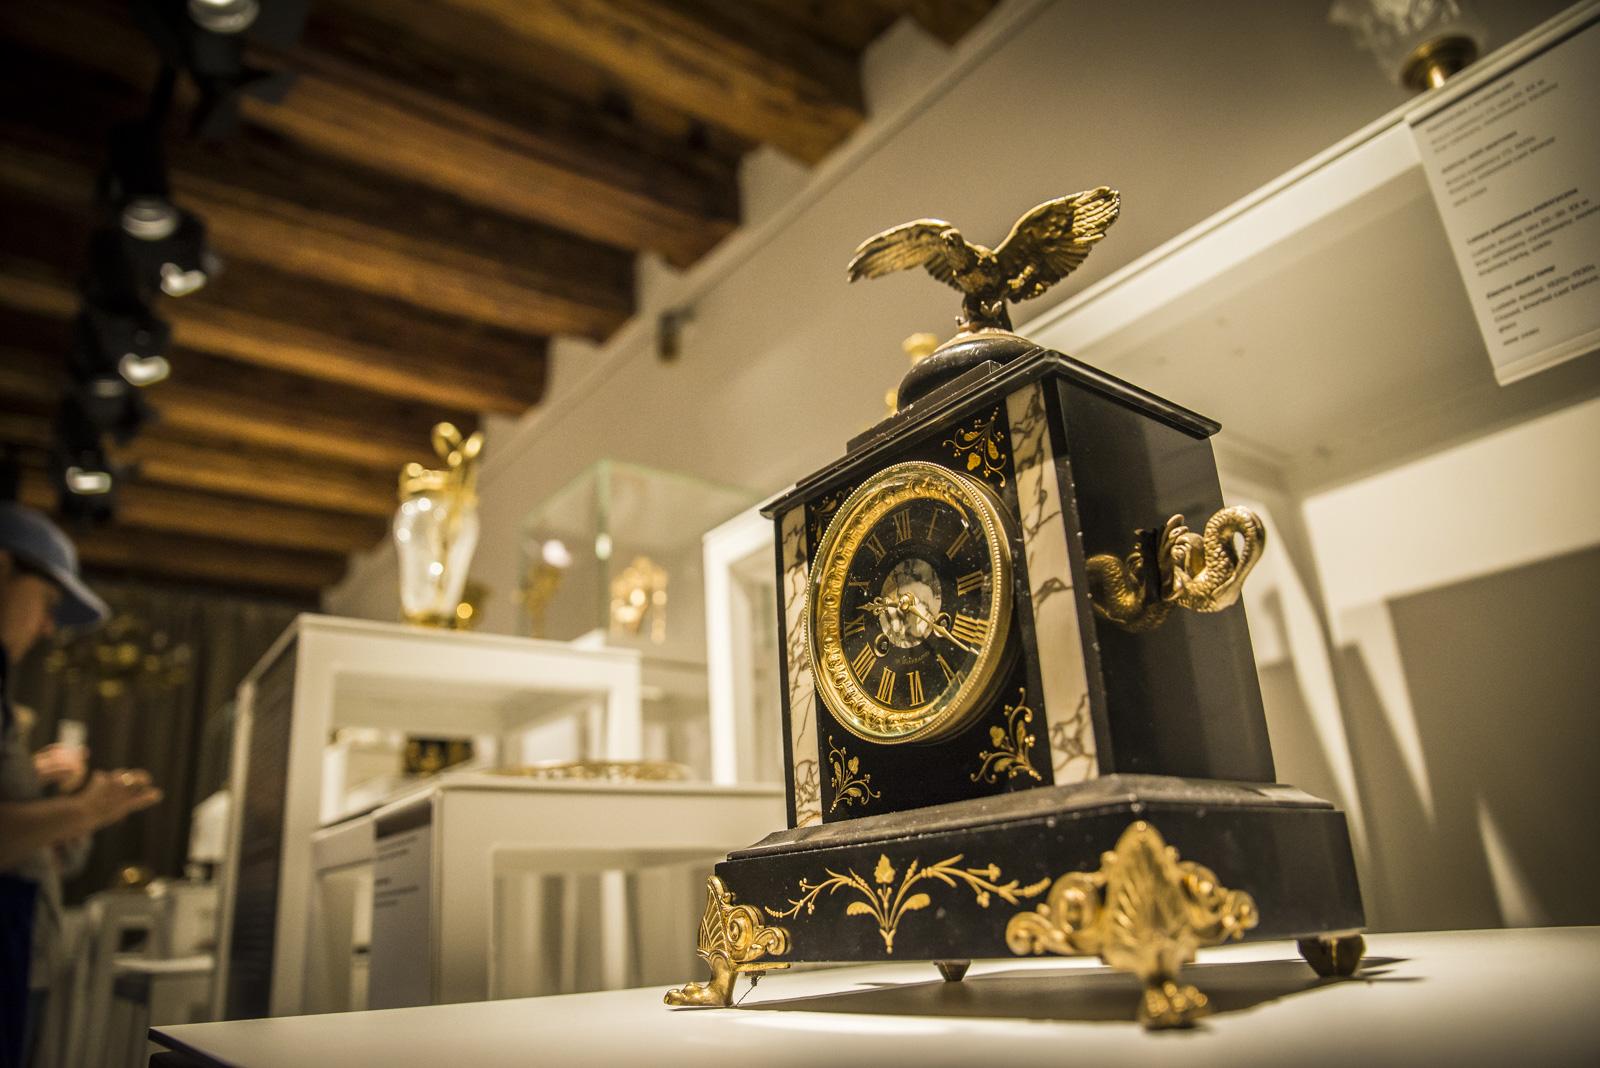 The Room of Warsaw Clocks and Watches, photo: Ewelina Lach/Urząd m.st. Warszawy